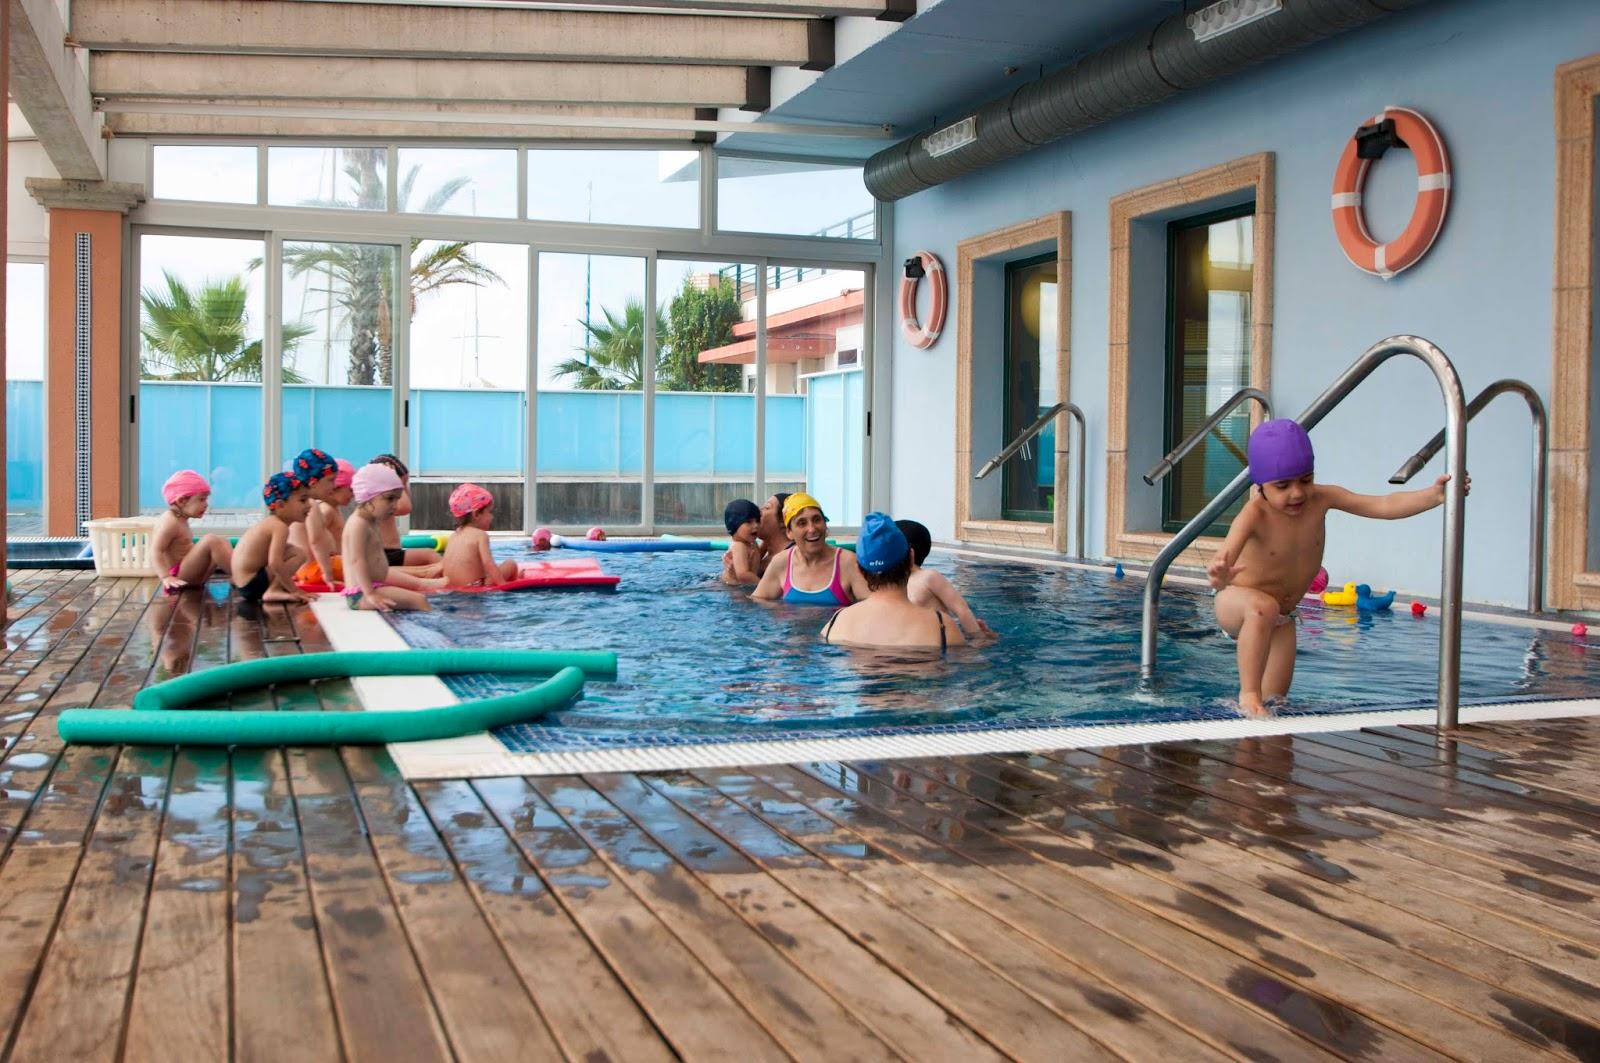 Natacion y senderismo el club nataci n benicarlo en la for Piscina benicarlo